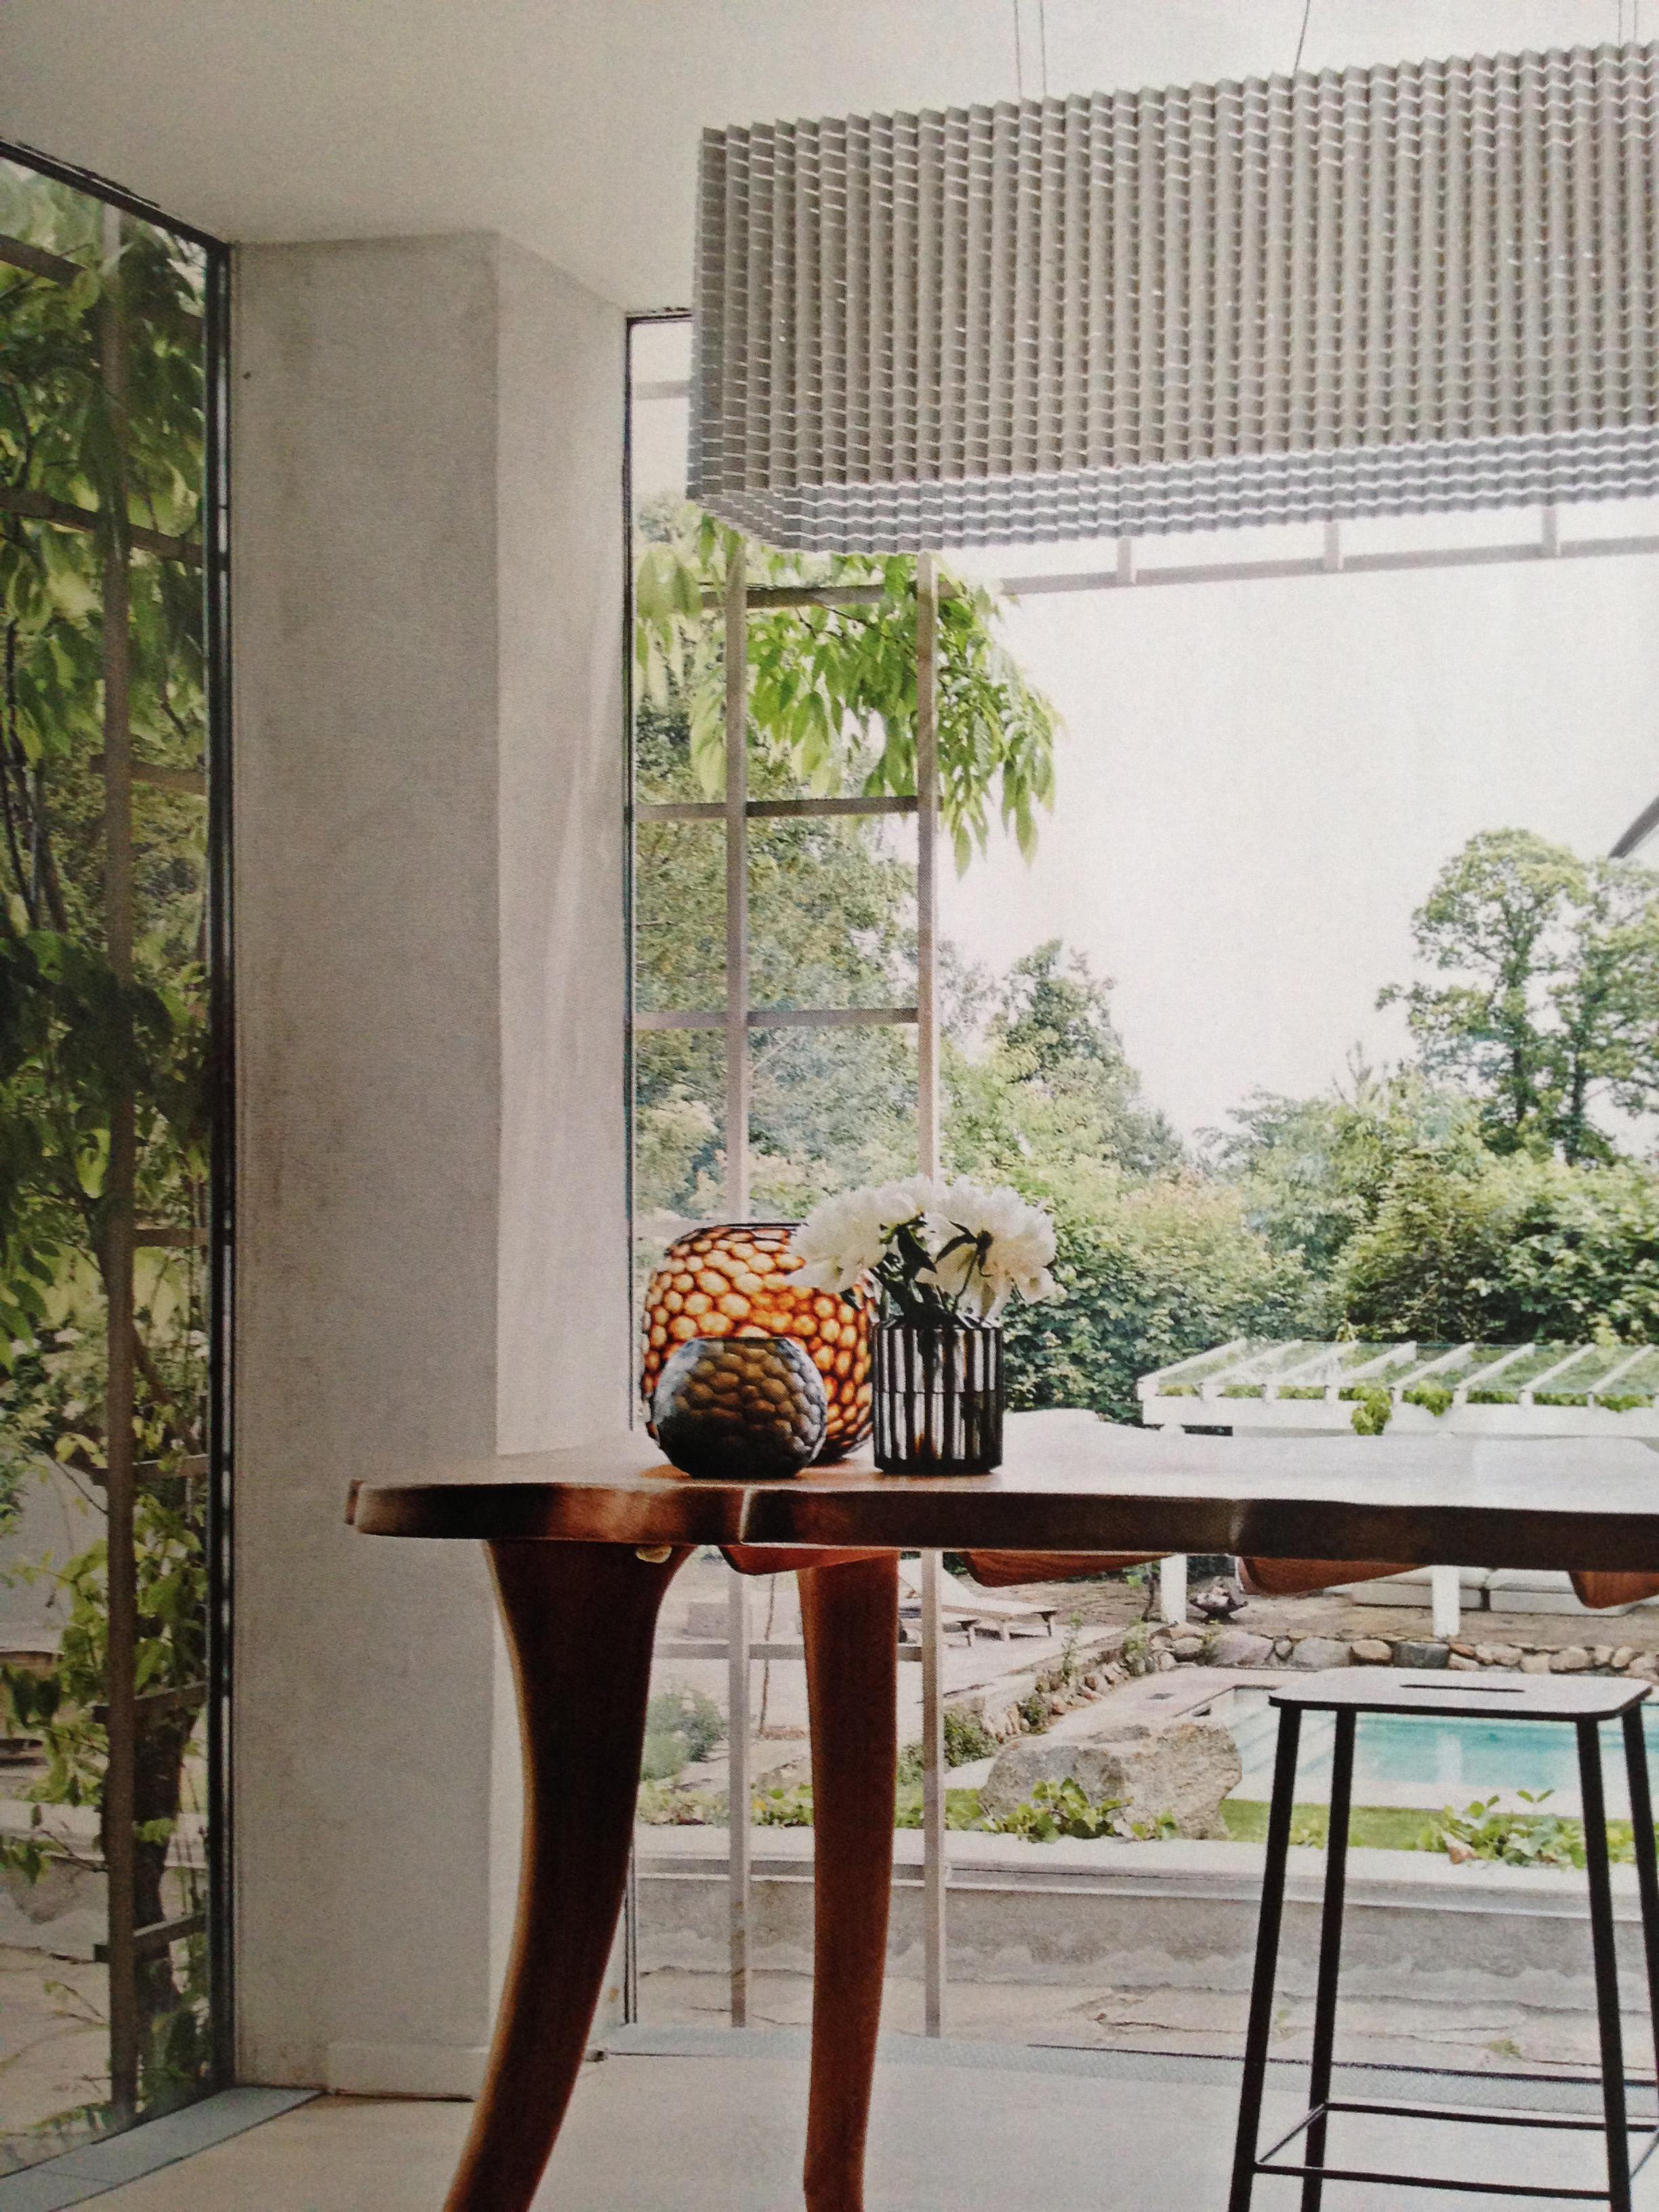 Marianne Dulongs skønne arbejdsbord med en fantastisk udsigt til haven